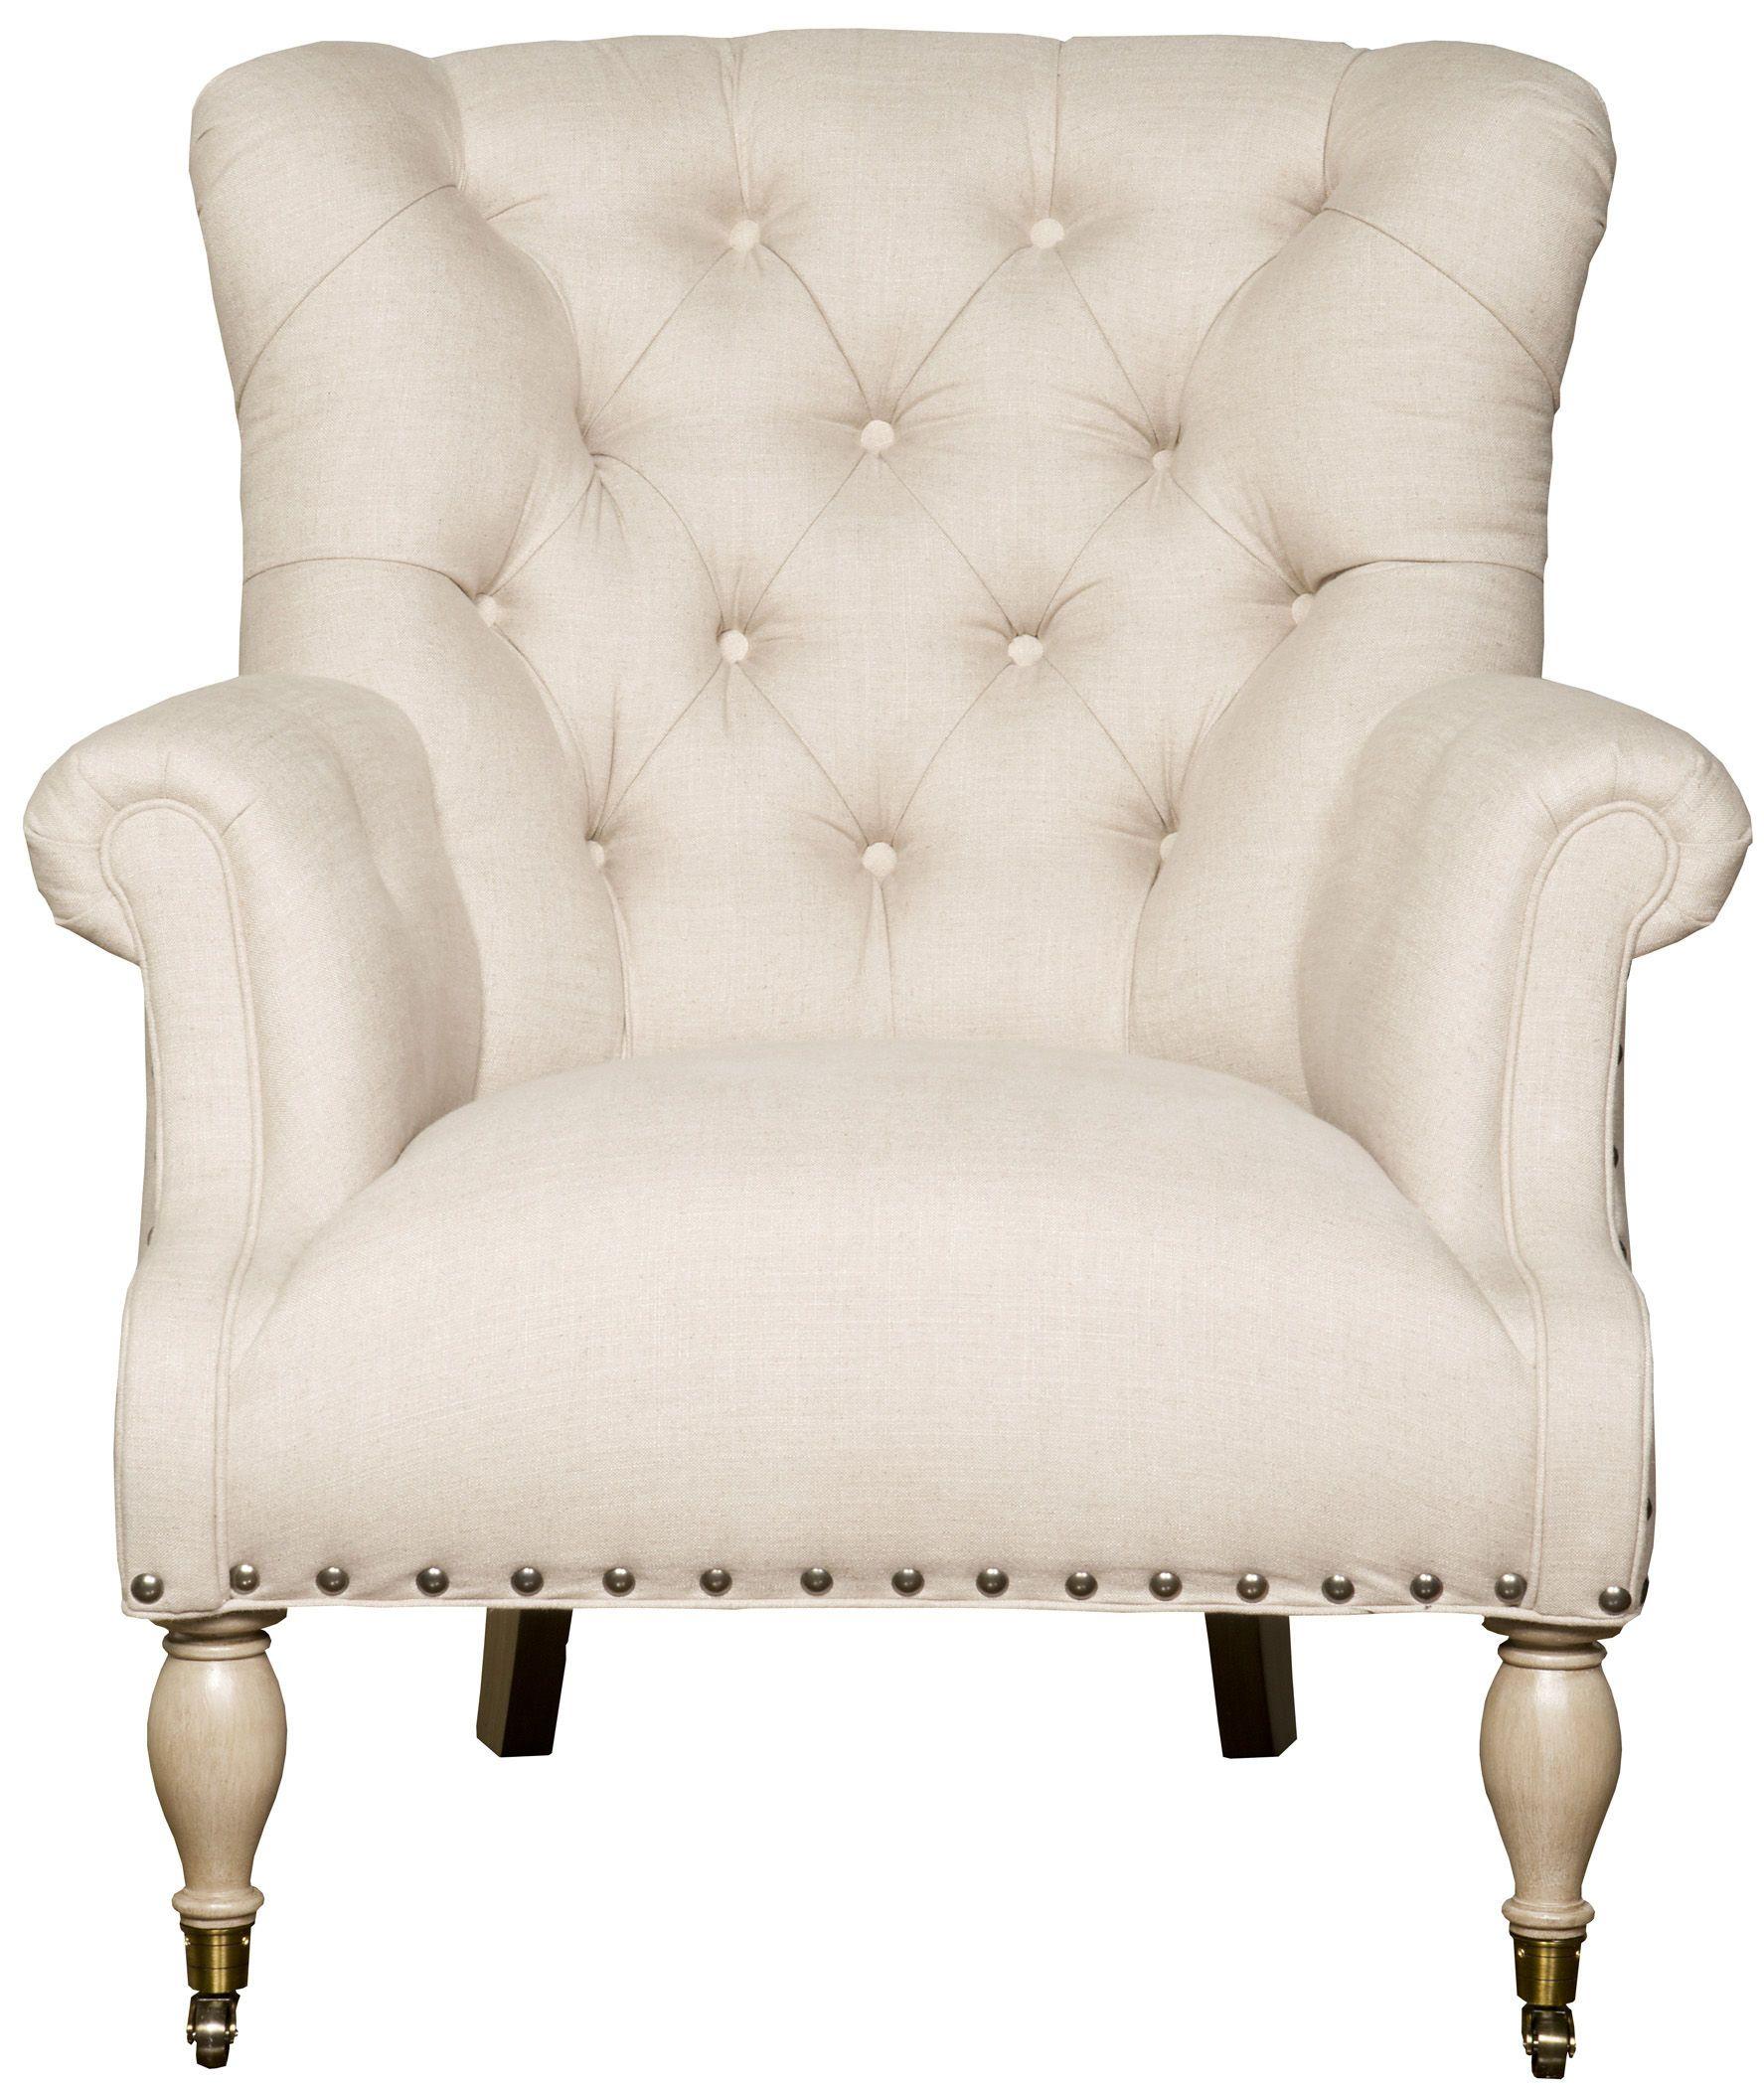 Vanguard Master Bedroom Sets VGF_RS_195   Vanguard Furniture   Conover, NC